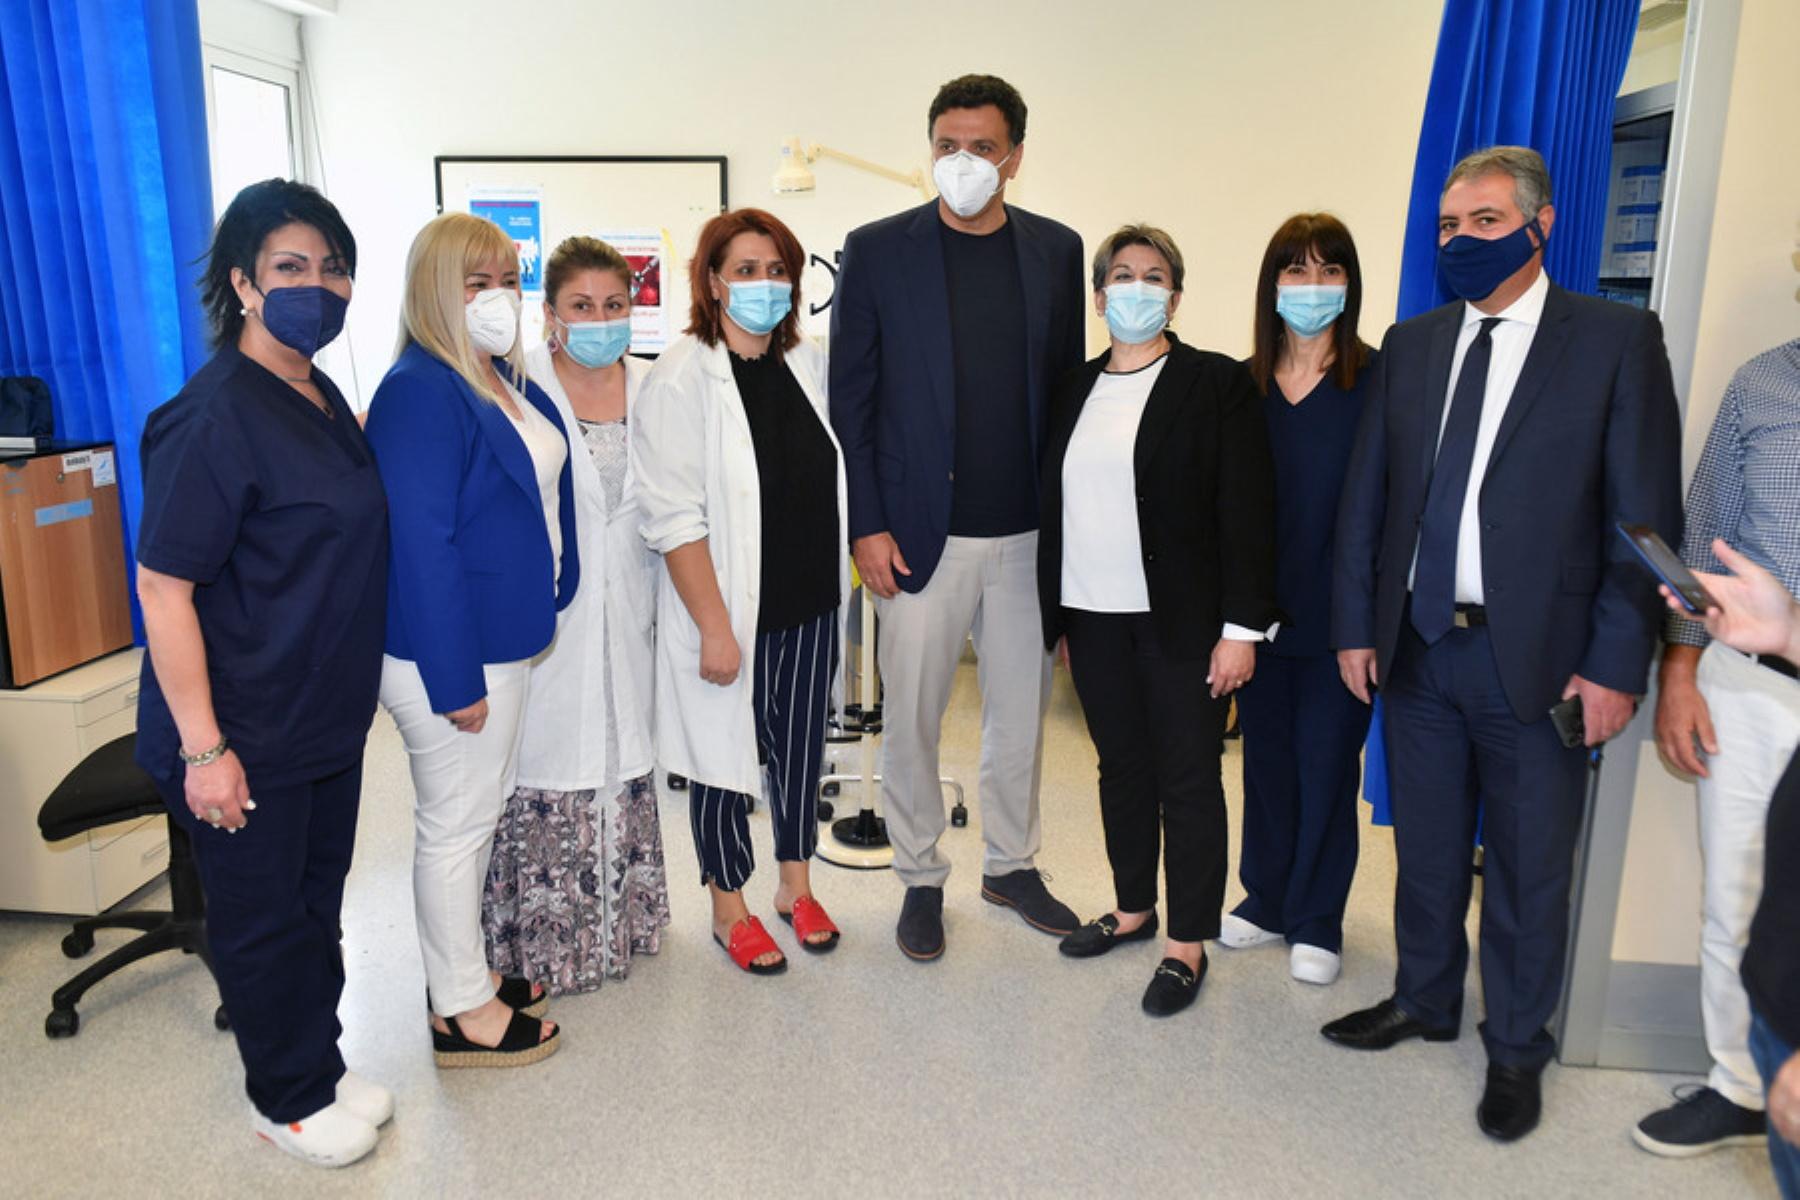 Κικίλιας από Καλαμάτα: Περαιτέρω αναβάθμιση όλων των κέντρων υγείας και περιφερειακών ιατρείων